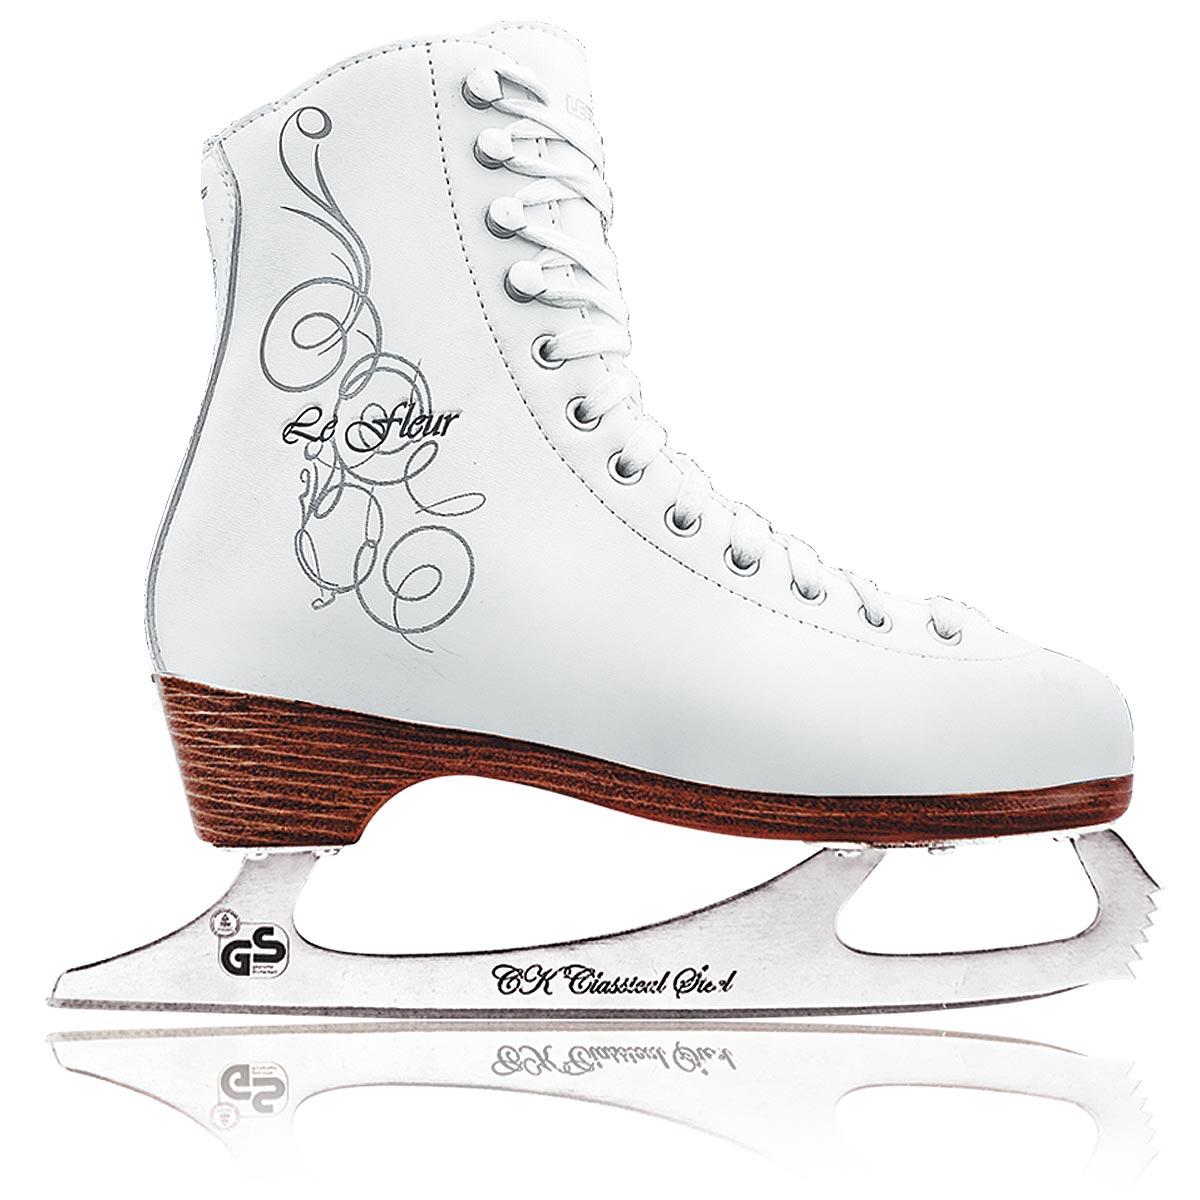 Коньки фигурные женские СК Le Fleur Leather 100%, цвет: белый, серебряный. Размер 42LE FLEUR leather 100_белый, серебряный_42